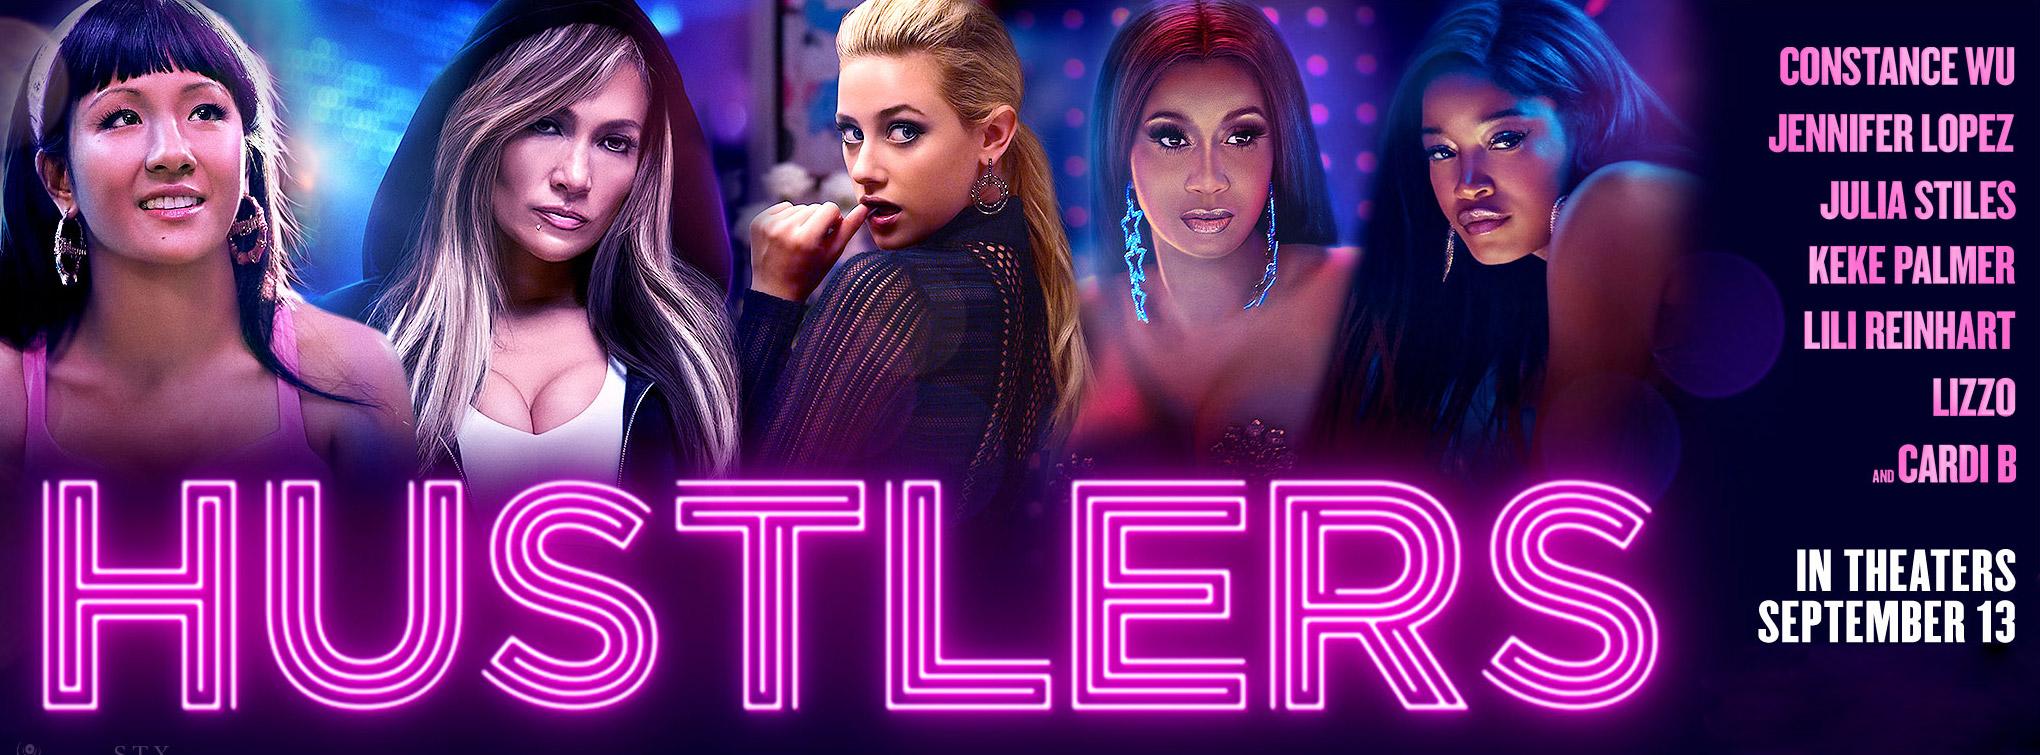 Slider image for Hustlers